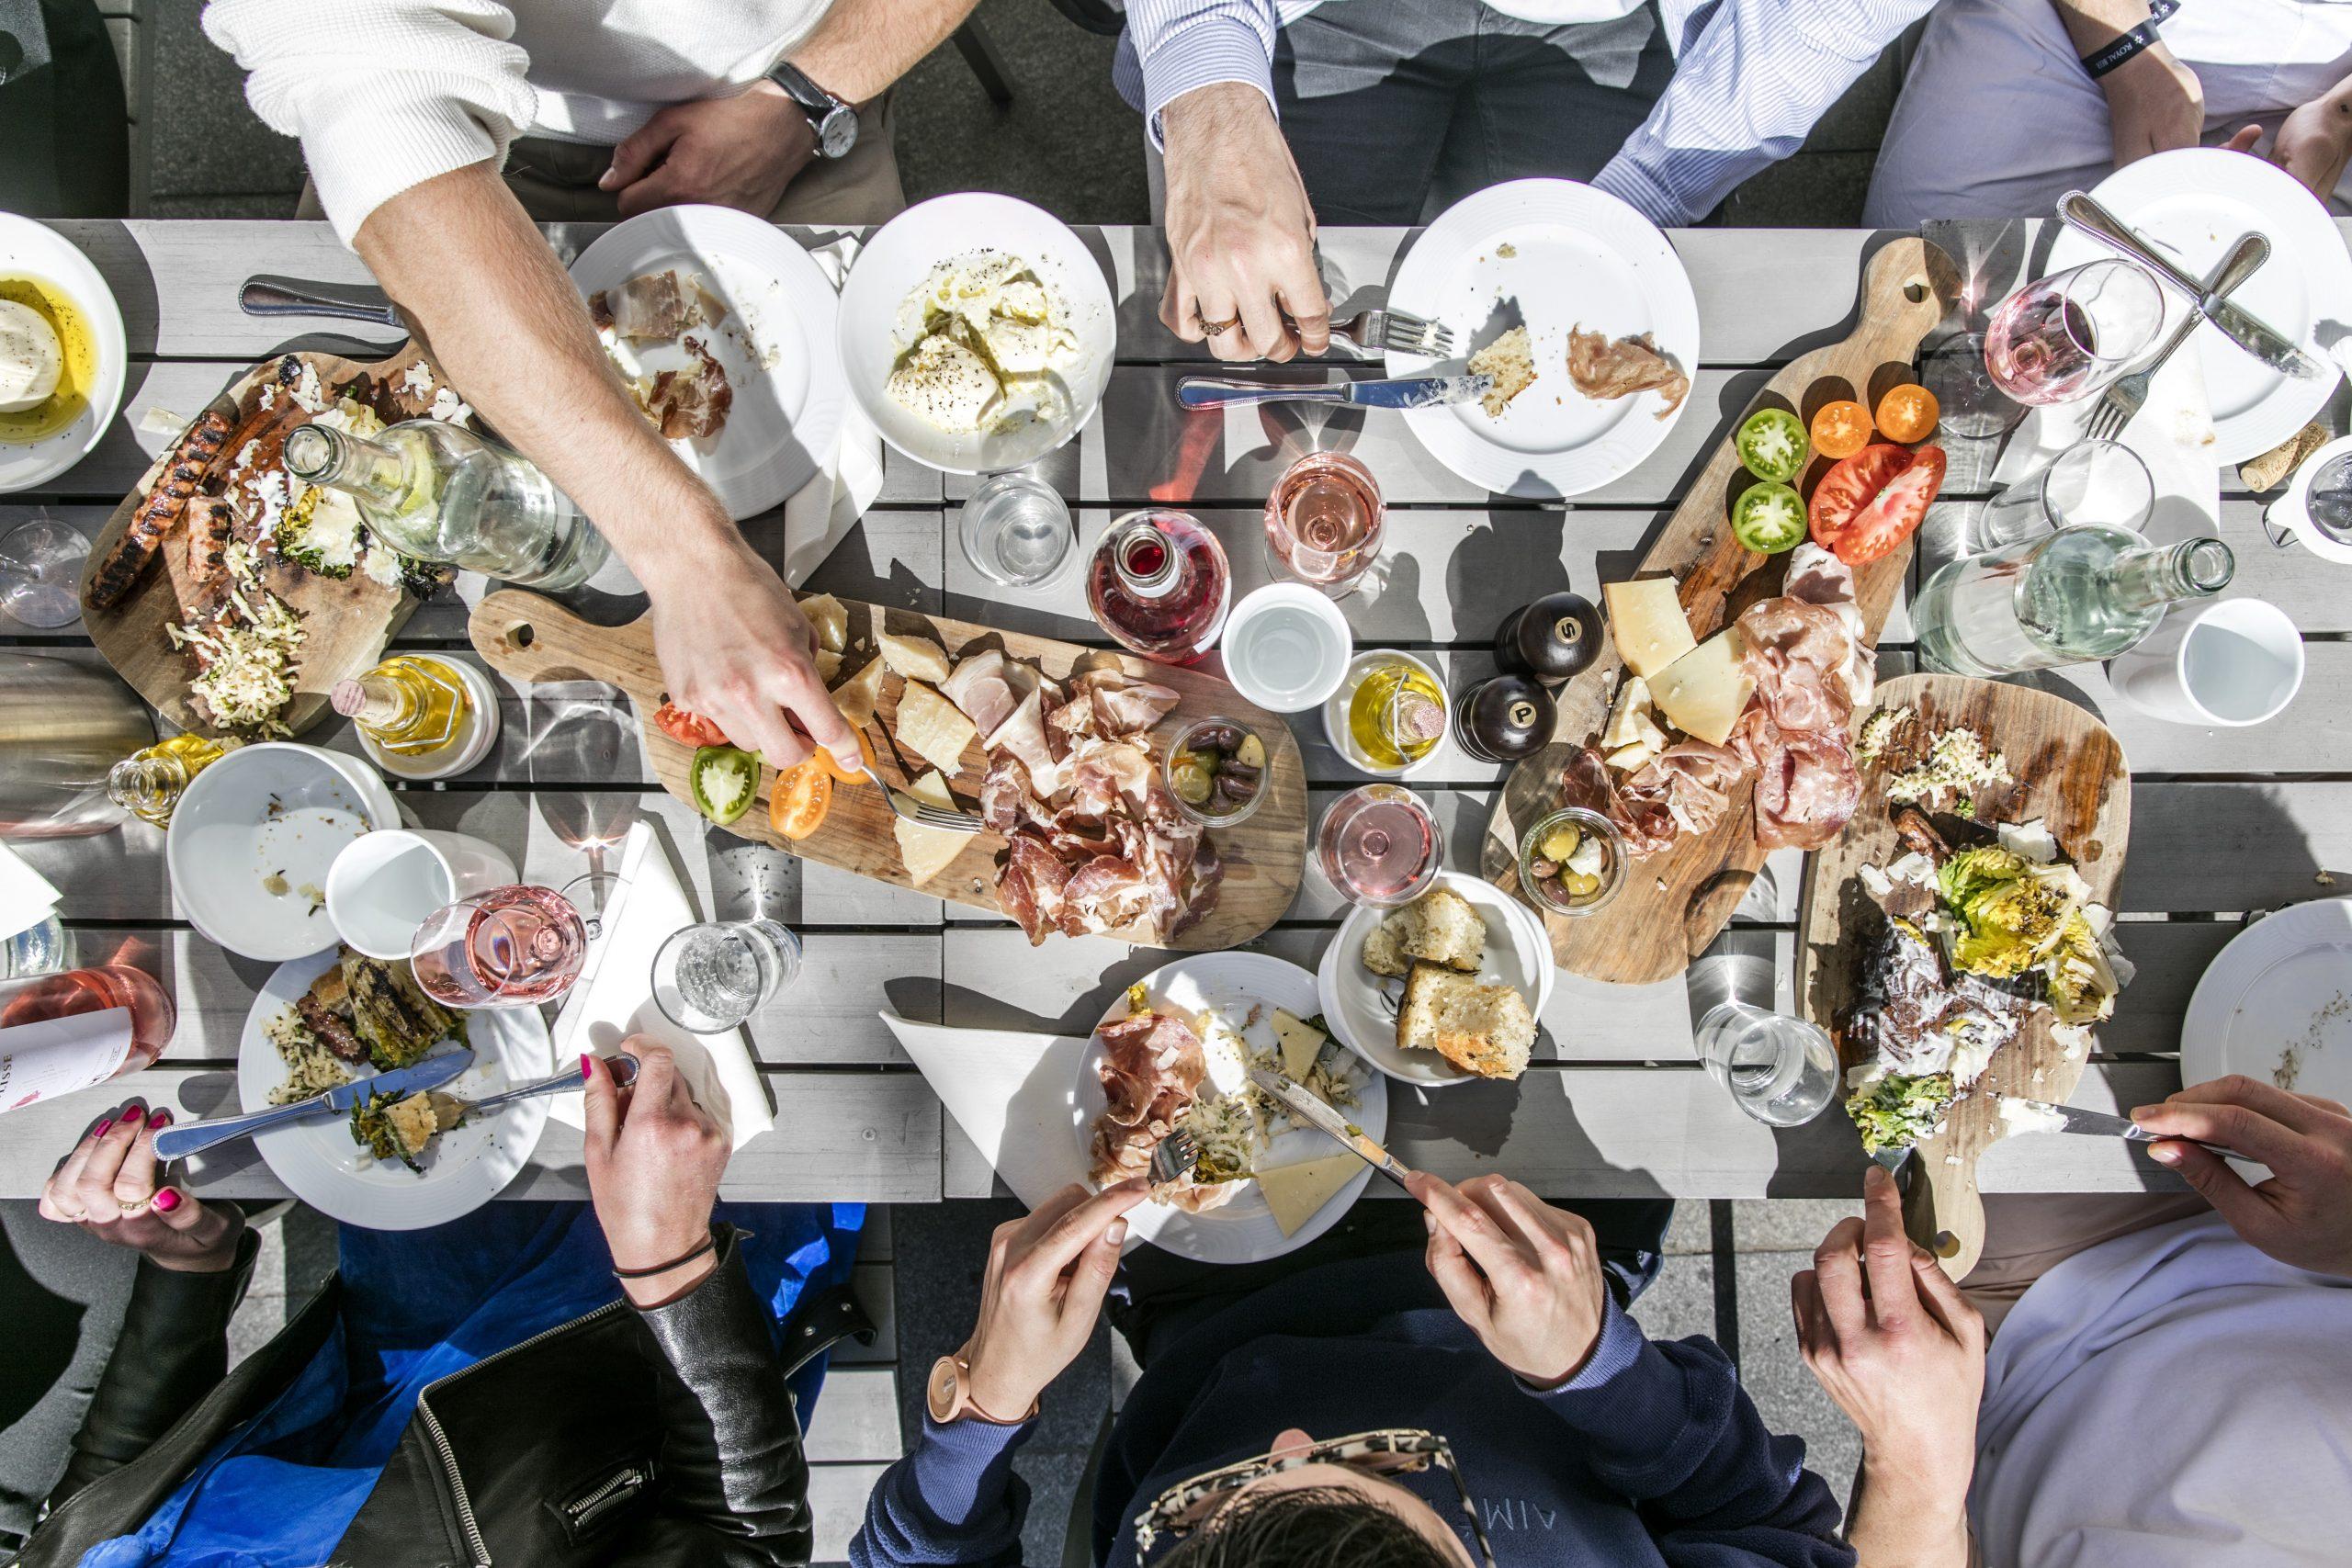 Der er tilfredshed i blandt andet restaurant-, hotel- og MICE-erhvervet med den nye politiske aftale. Arkivpressefoto fra VisitDenmark, Chris Tonnesen.